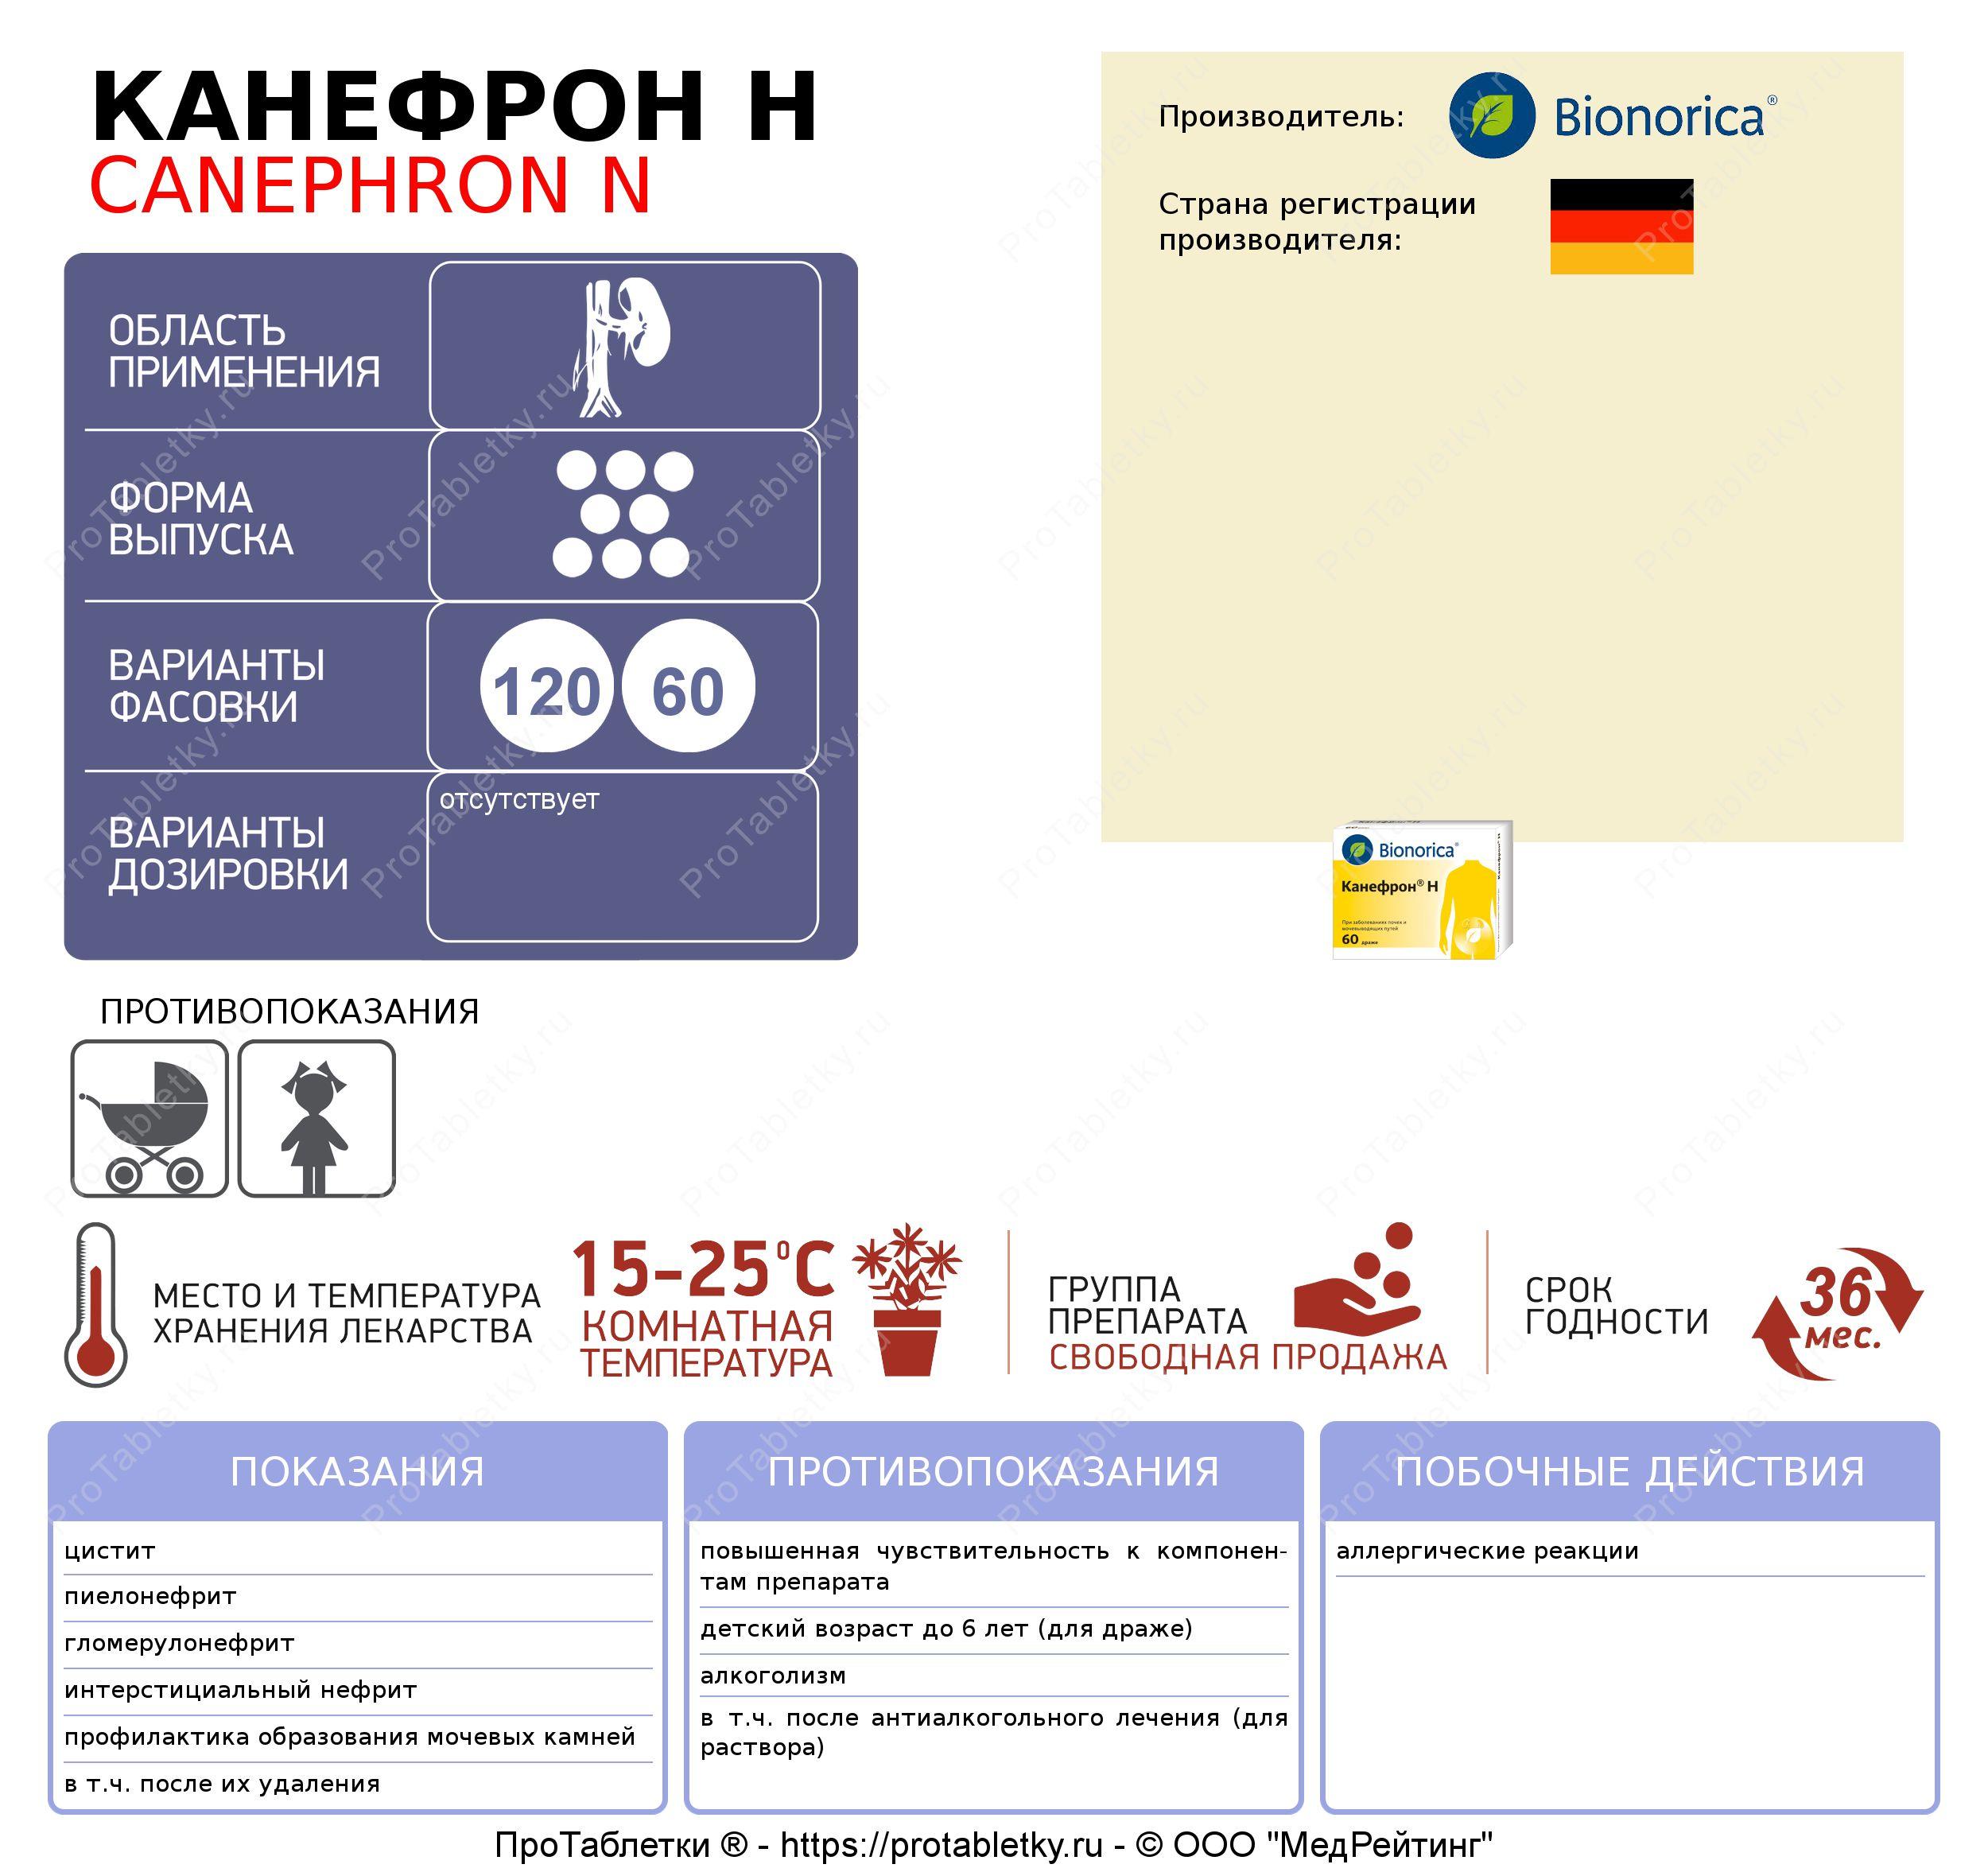 Канефрон цена в ростове на дону поликлиника 4 ростов на дону на днепровском